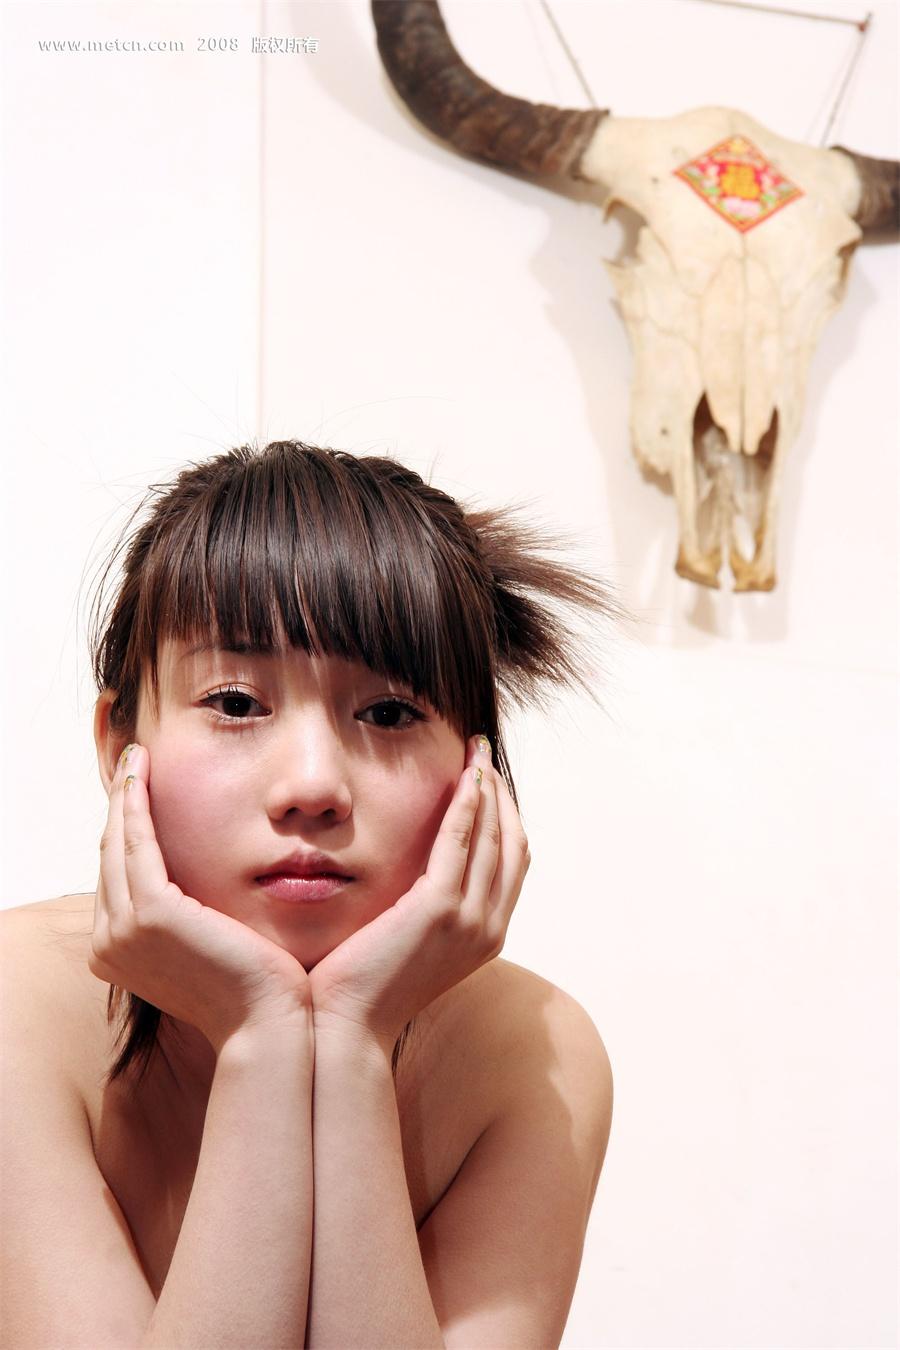 徐润人体 专辑_METCN人体模特—张筱雨专辑《美丽人生》(29)_很美人体艺术